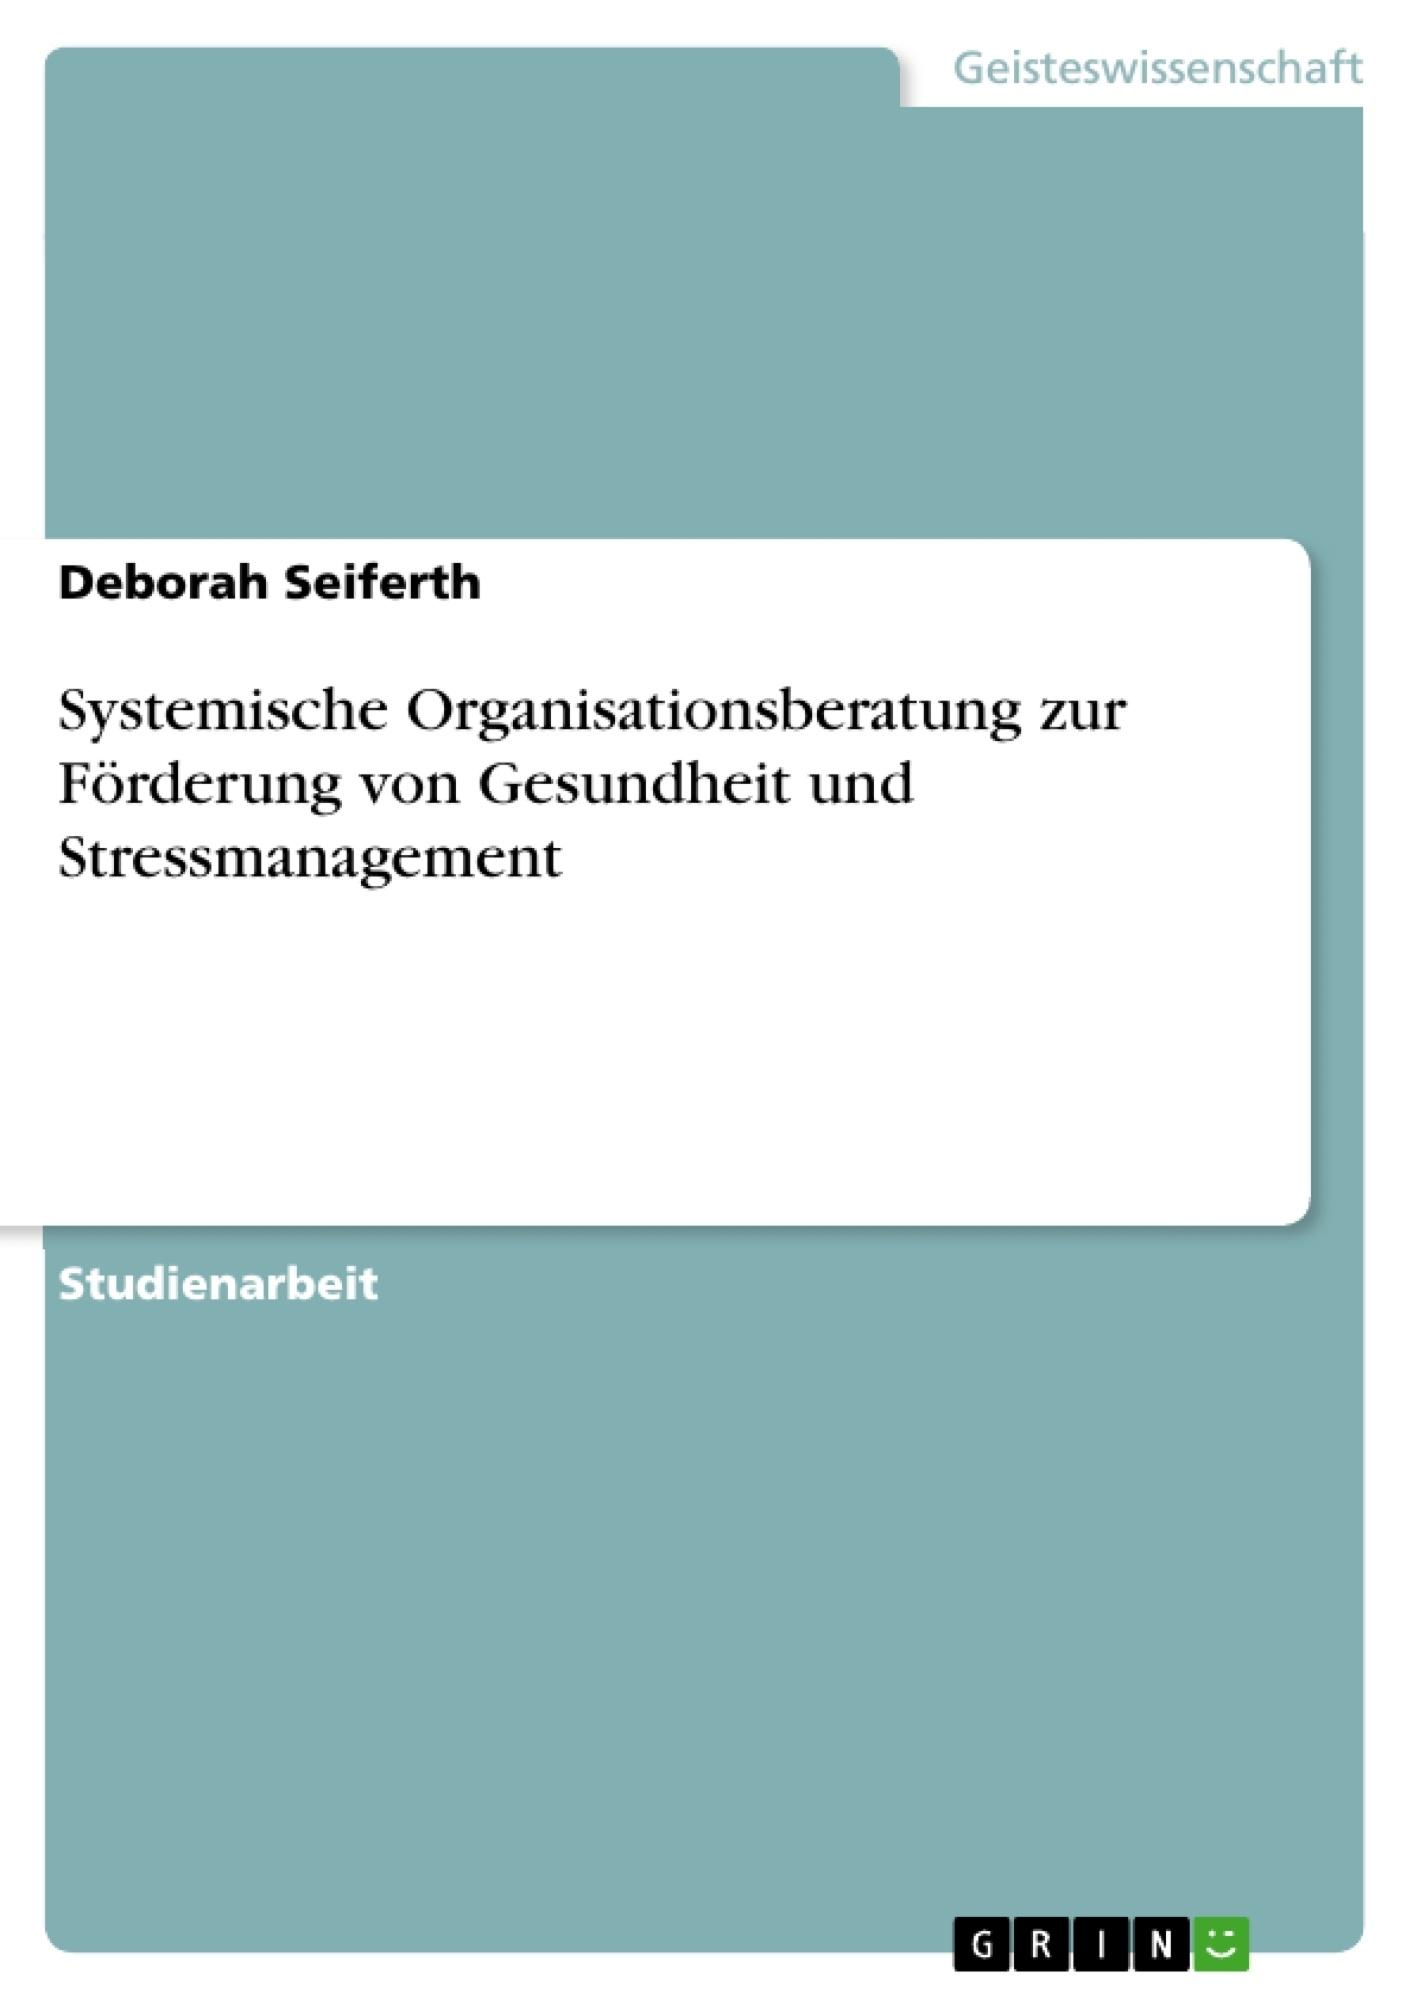 Titel: Systemische Organisationsberatung zur Förderung von Gesundheit und Stressmanagement